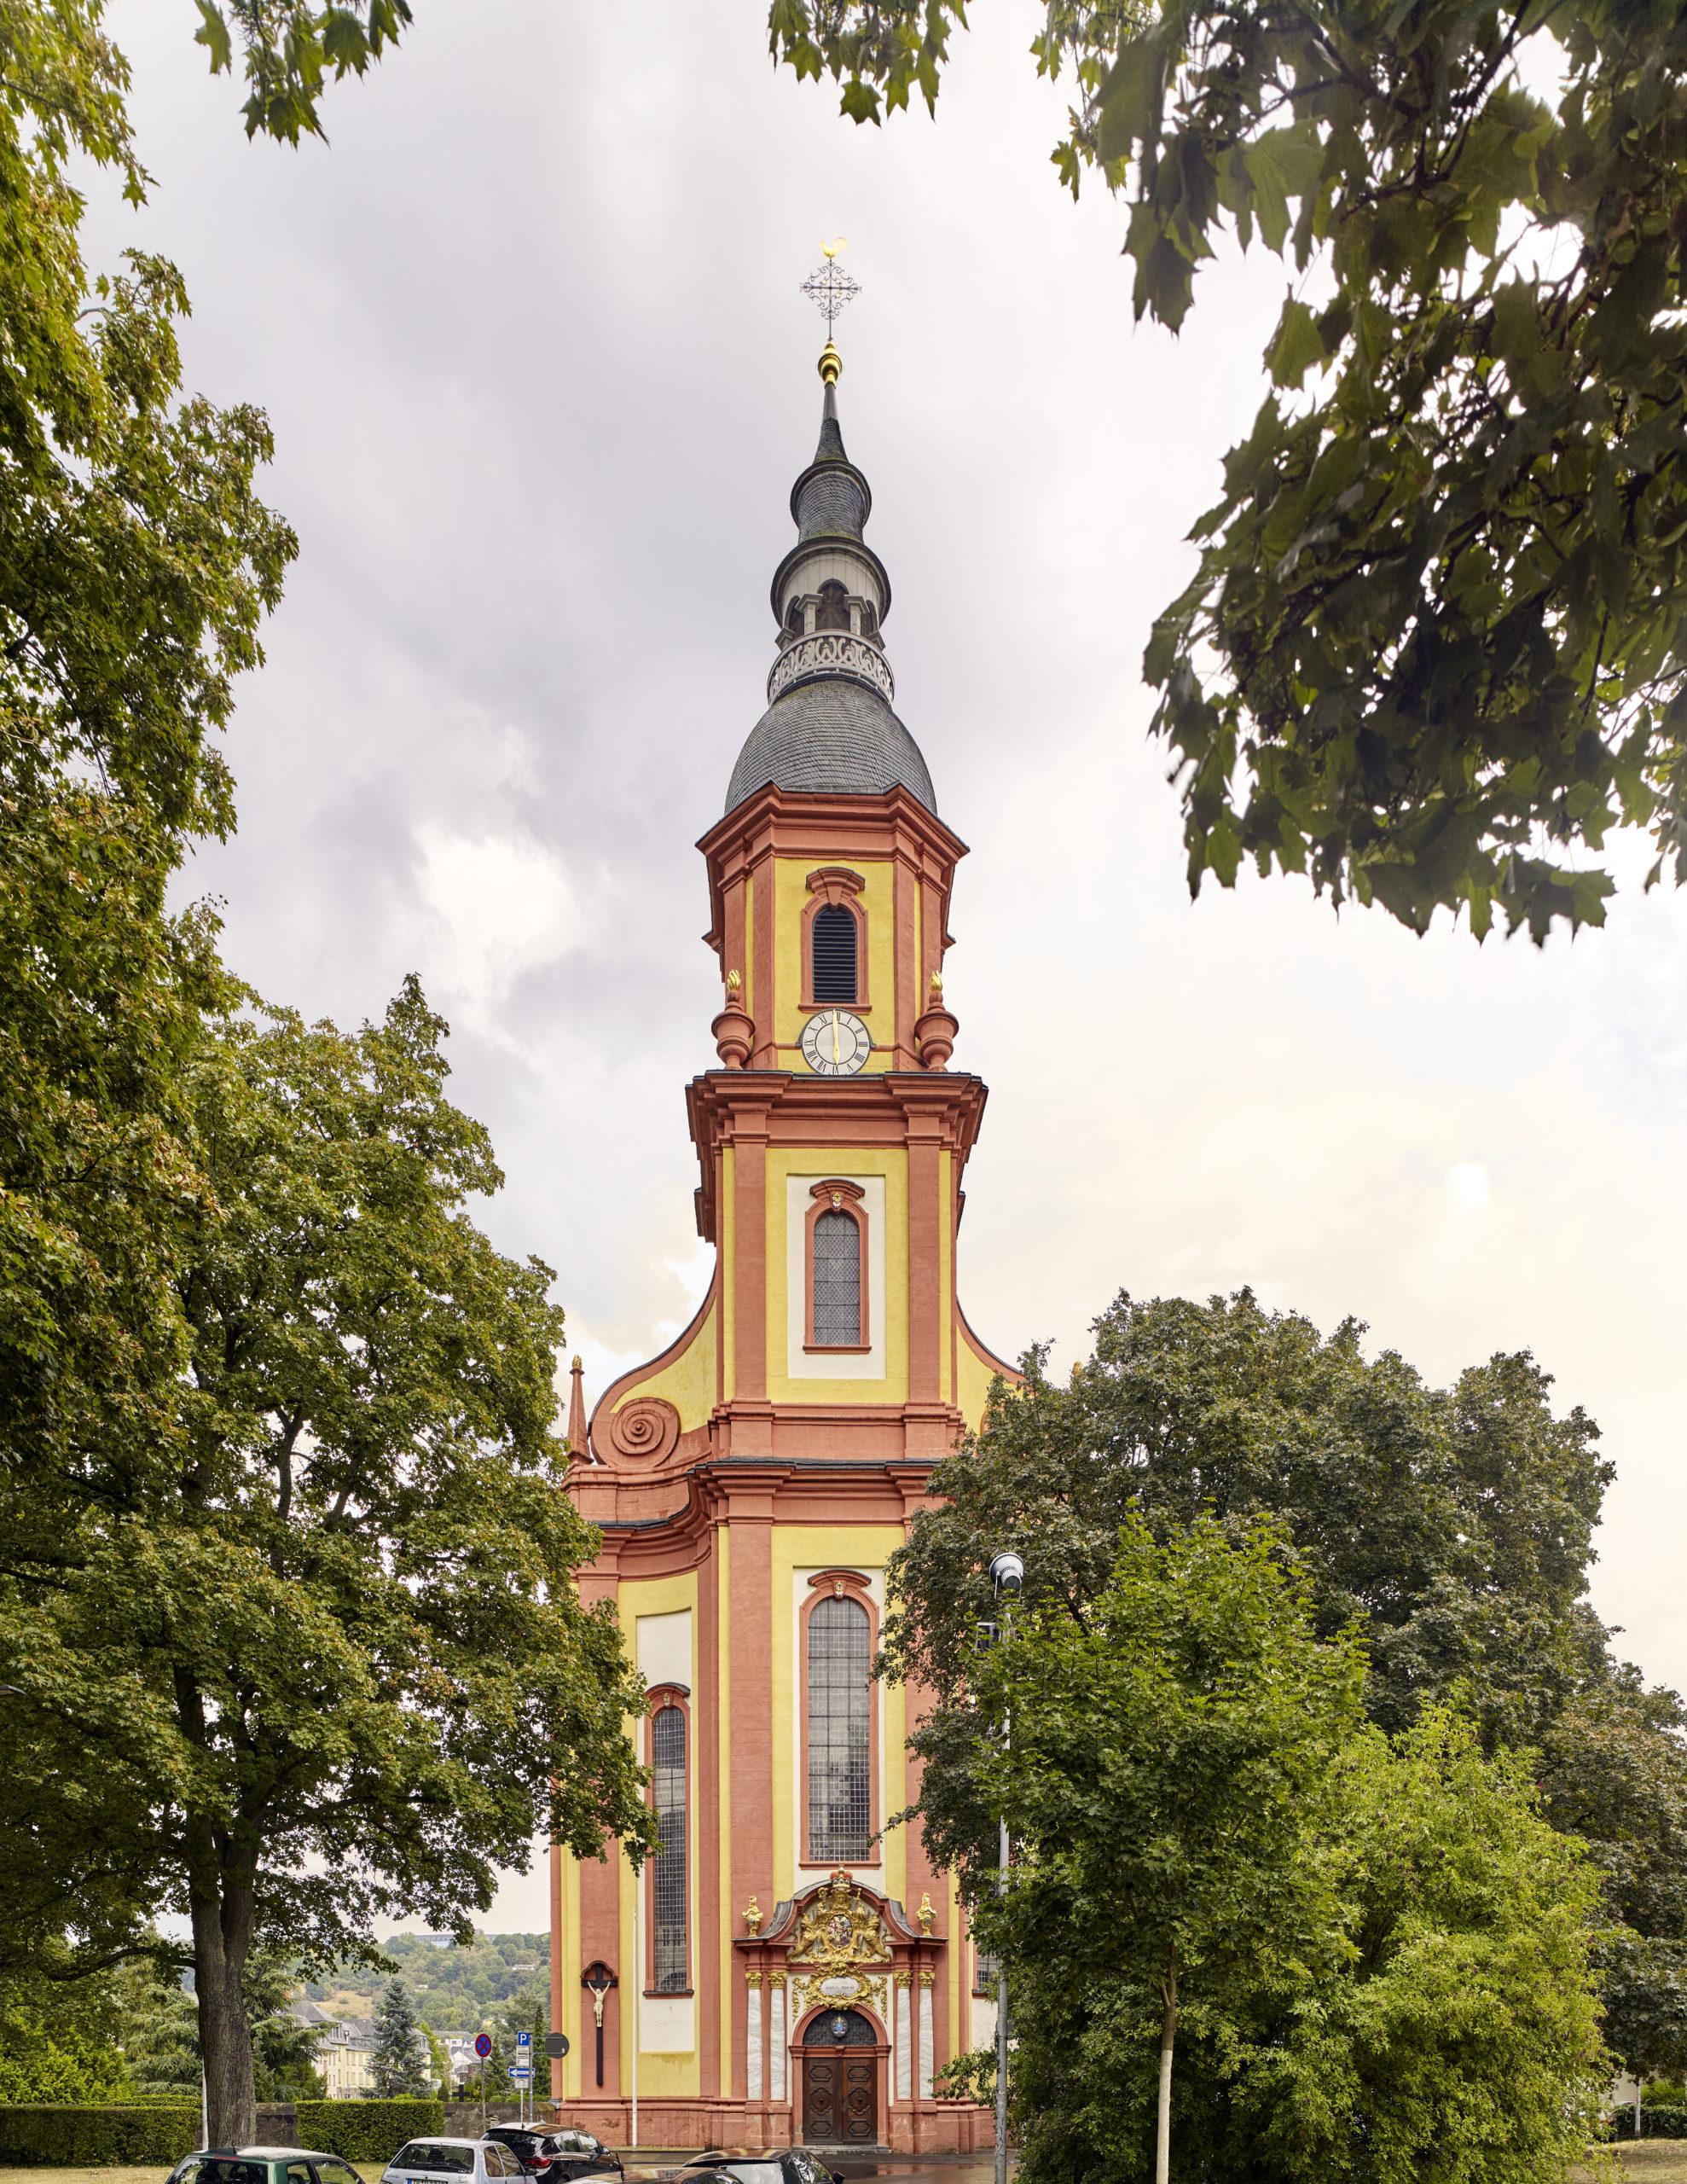 Vorderseite Kirchturm St. Paulin in Trier